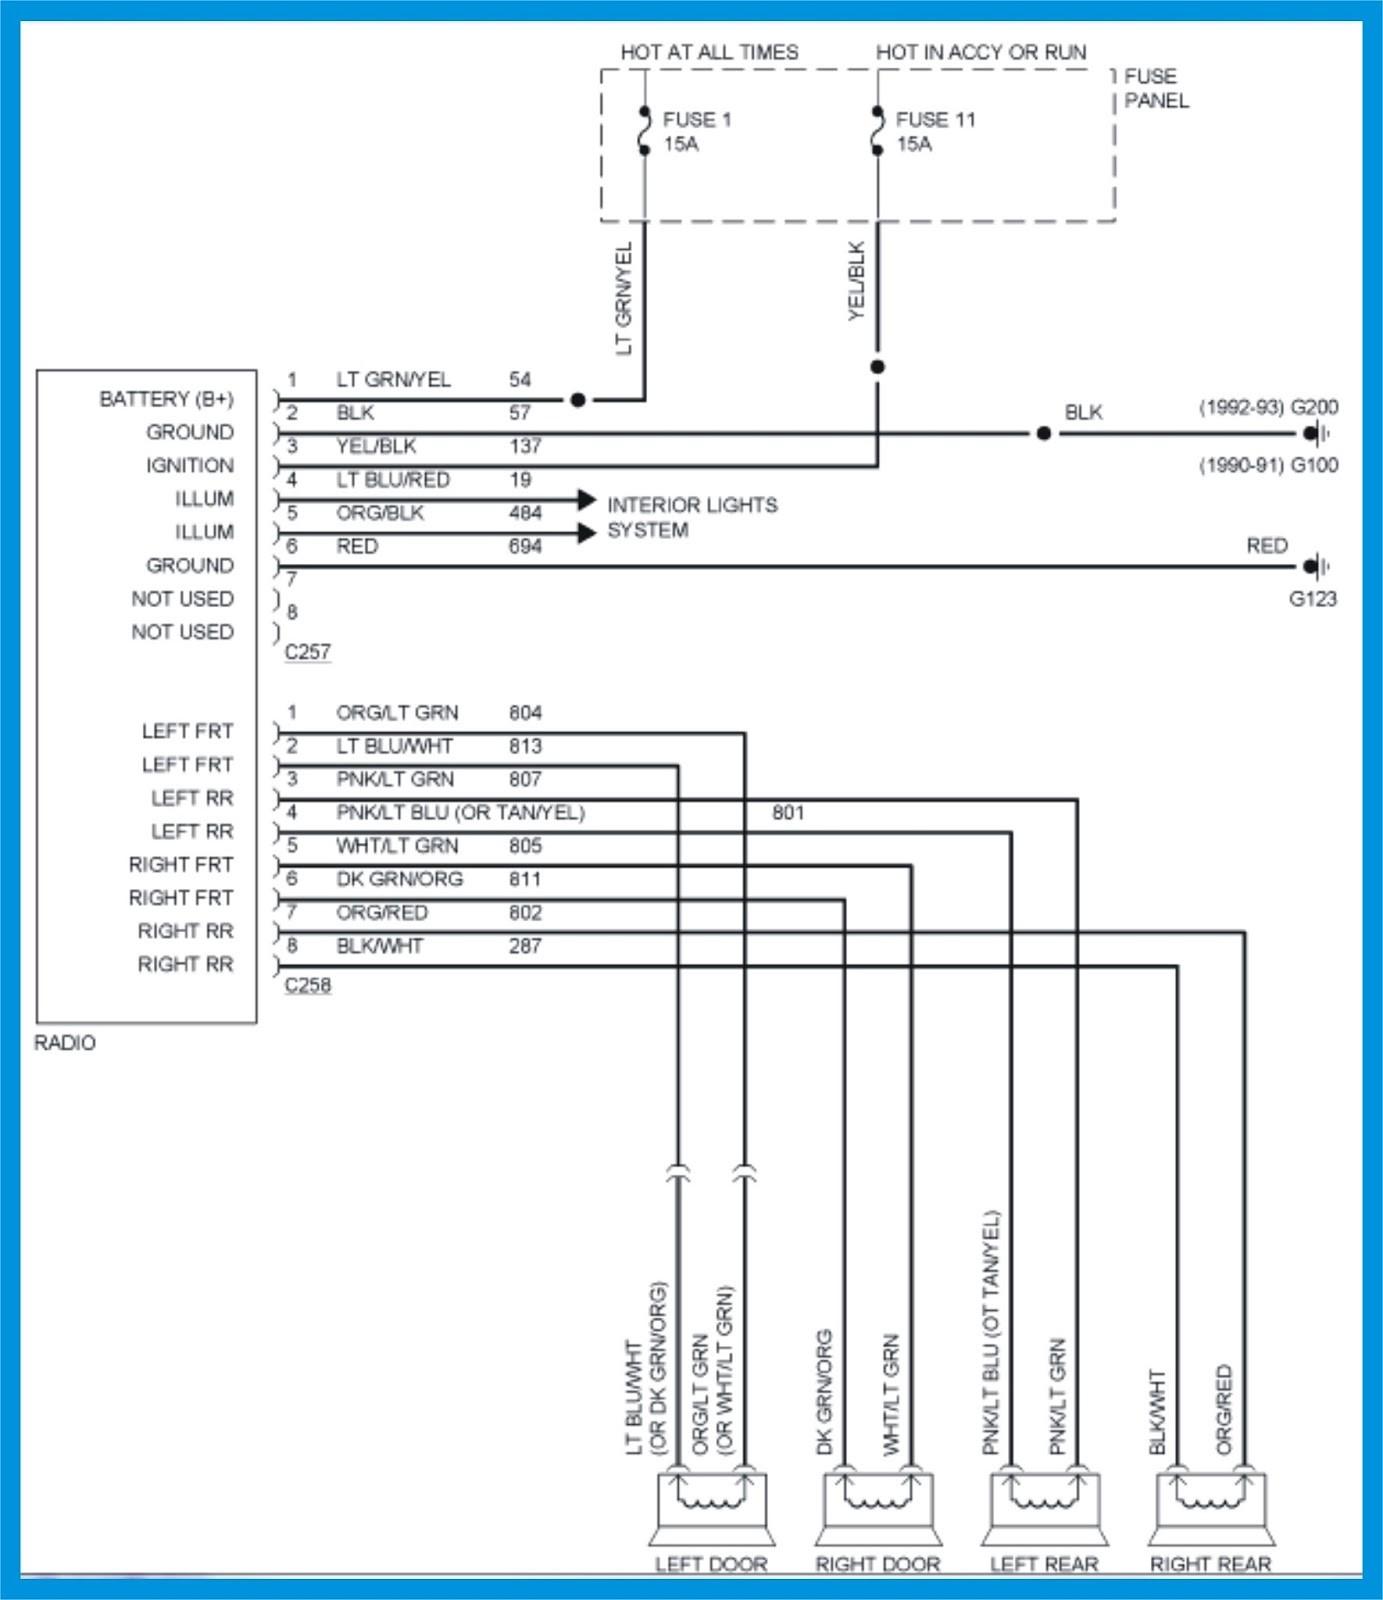 Pioneer Car Stereo Wiring Diagram Me 12 1   Hastalavista - Pioneer Car Stereo Wiring Diagram Free